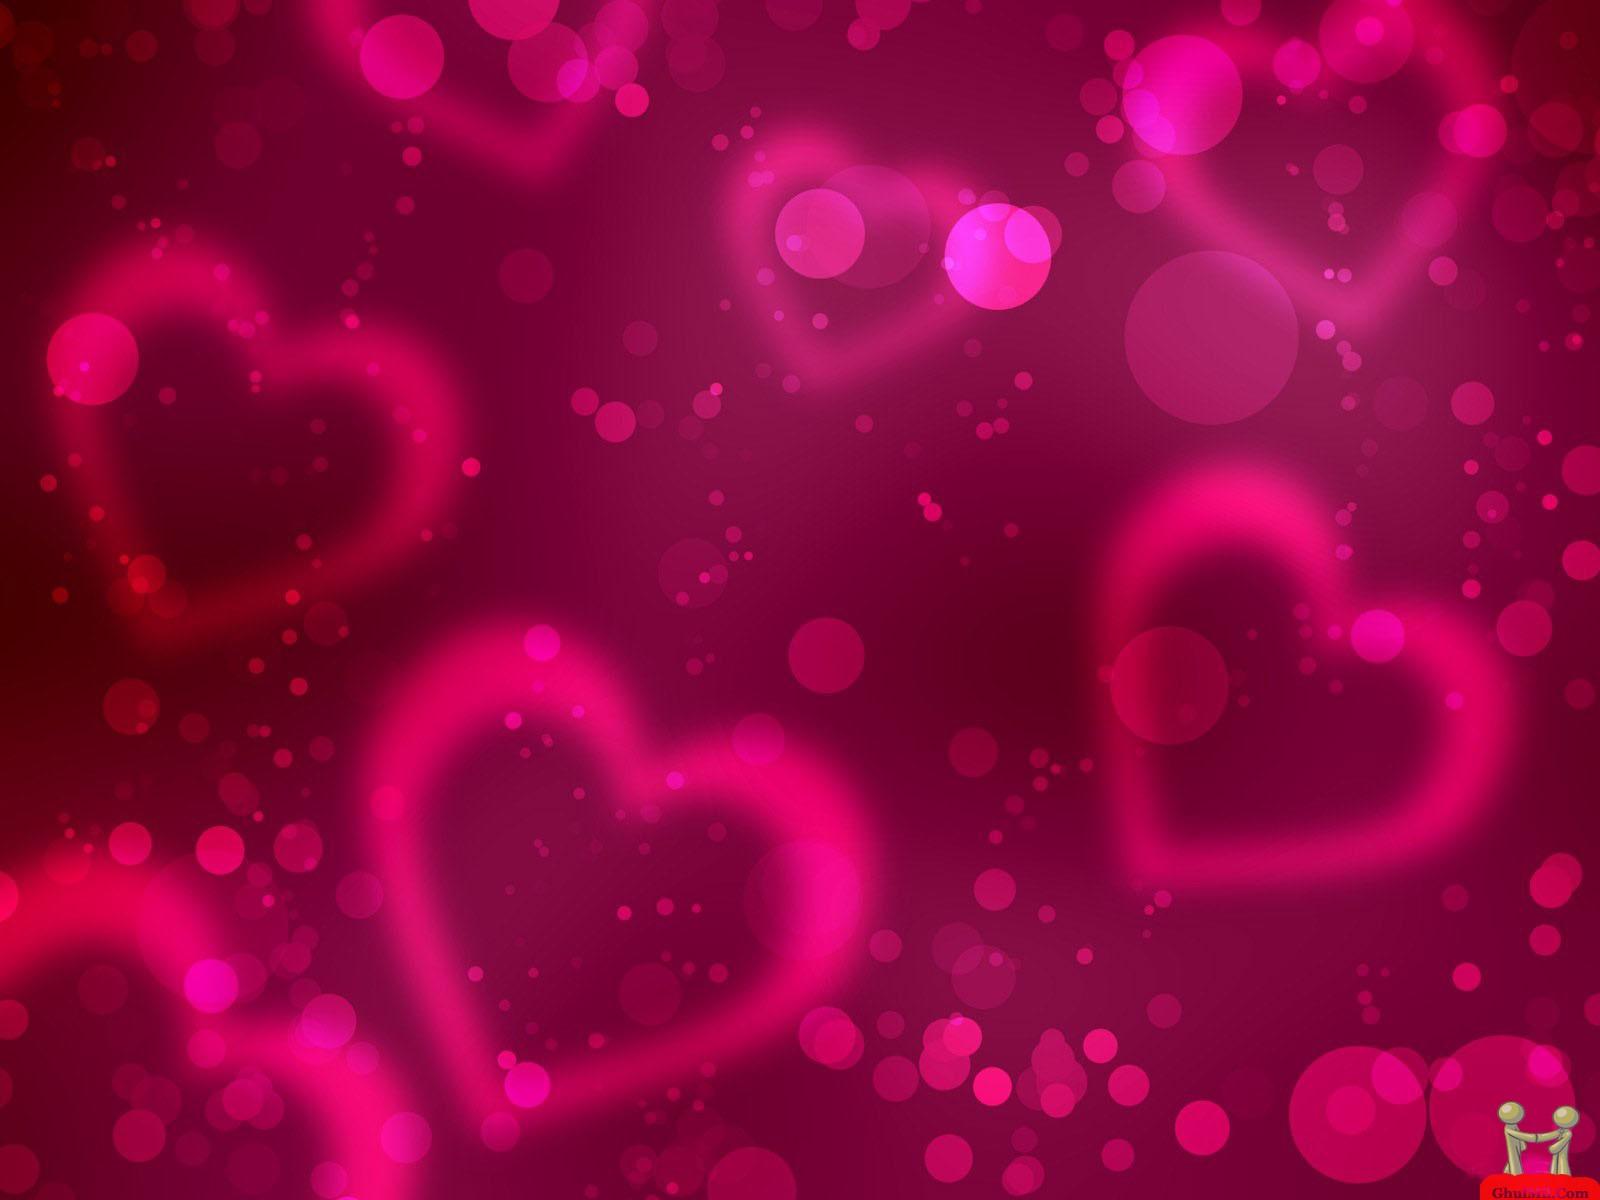 3d love heart wallpaper 4 cool hd wallpaper